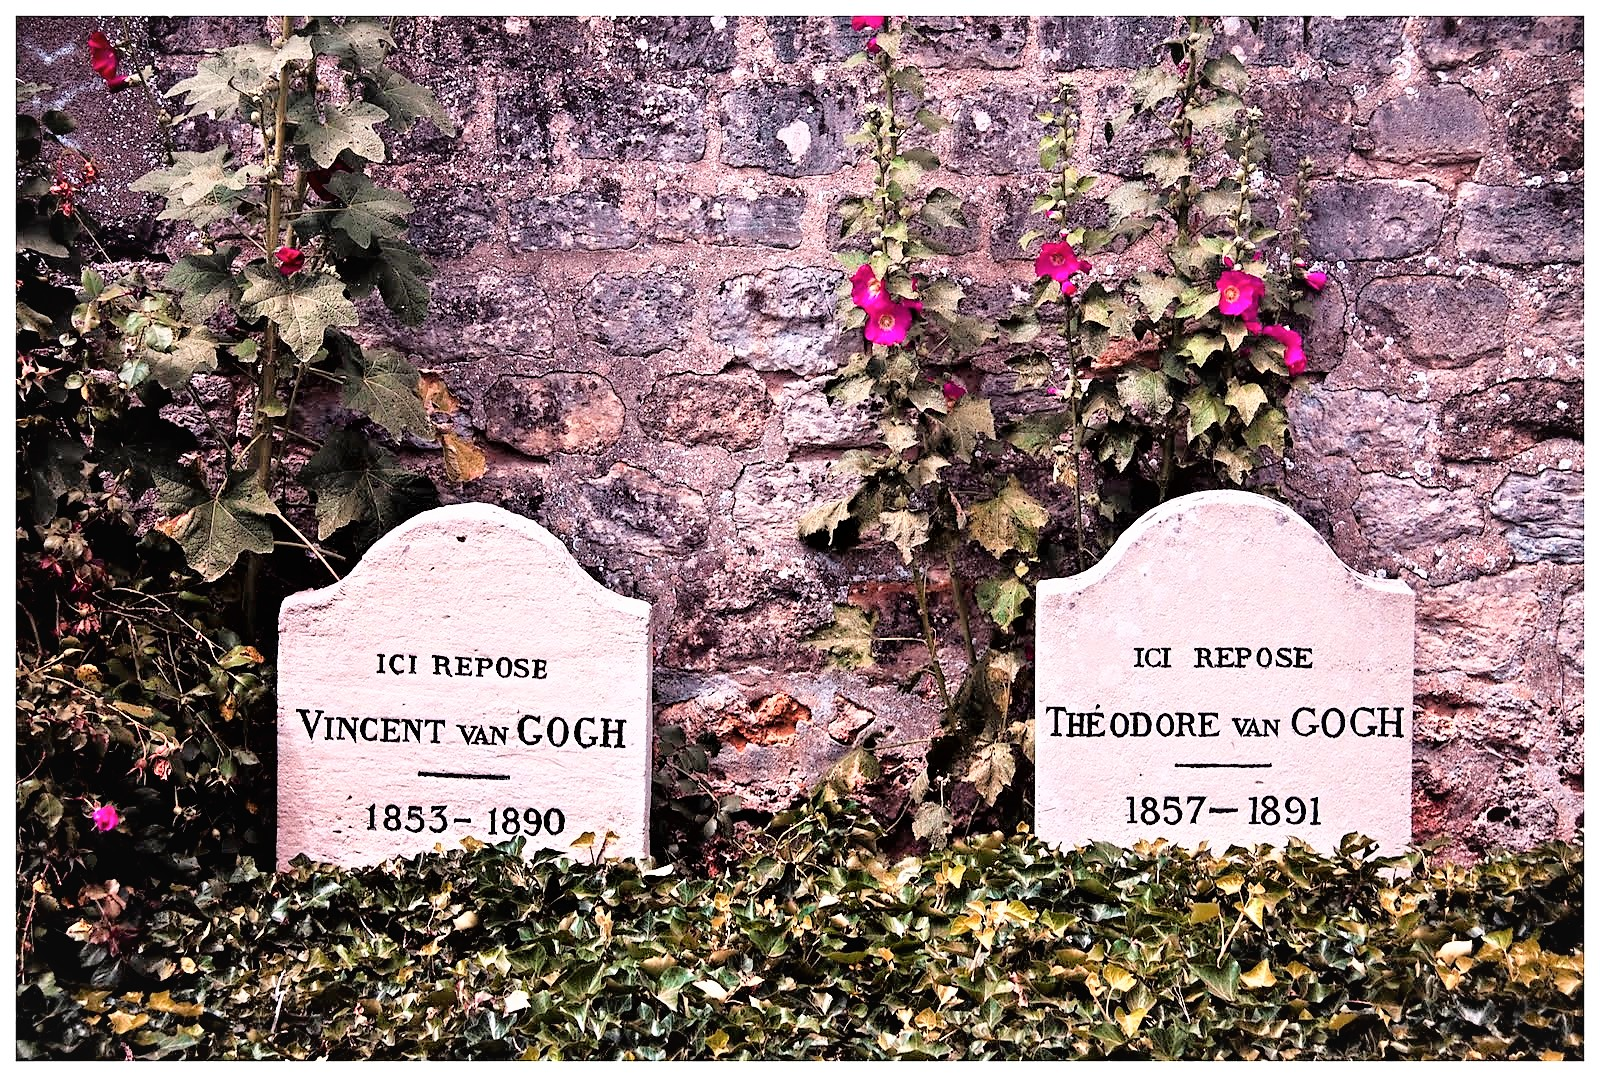 Van Gogh's grave.jpg